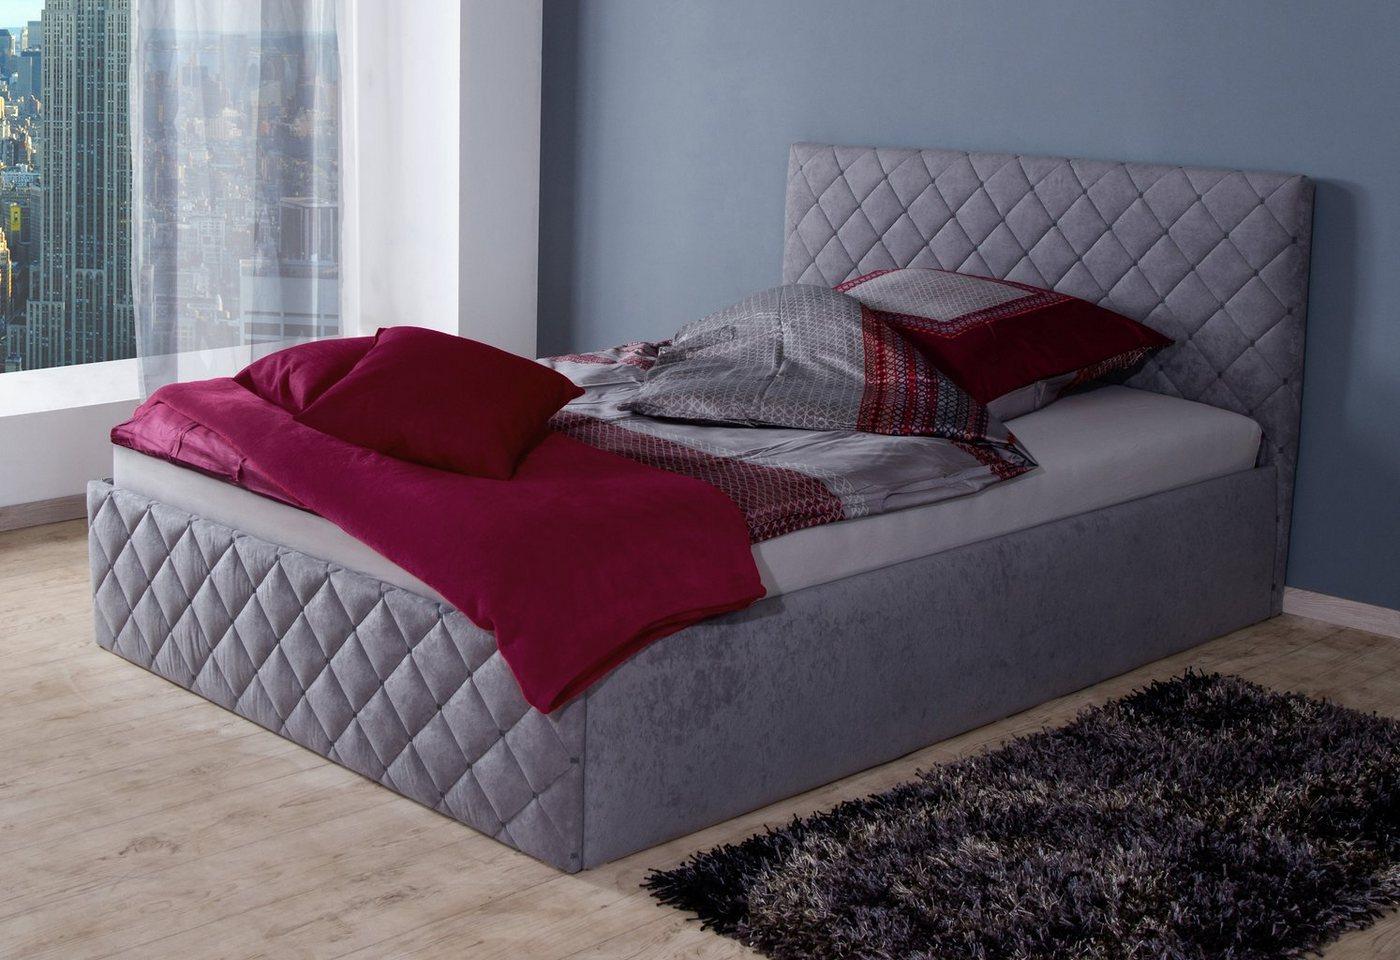 WESTFALIA POLSTERBETTEN Bed in 4 breedten